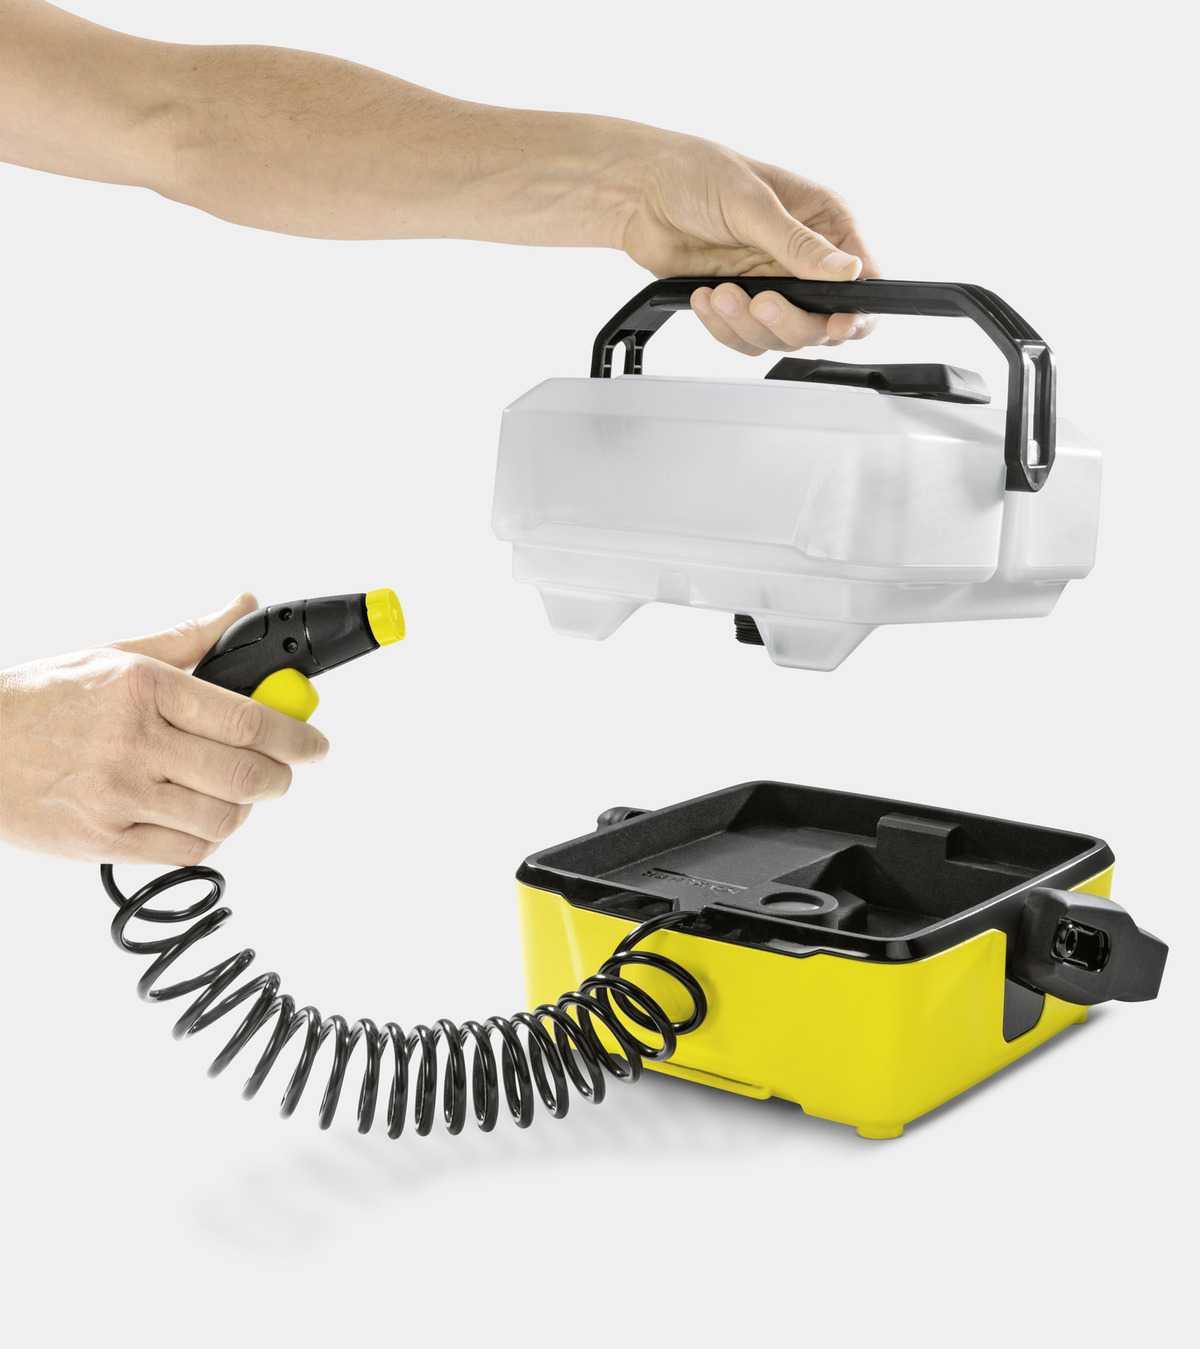 Mobil Basınçlı Temizleme Makinesi